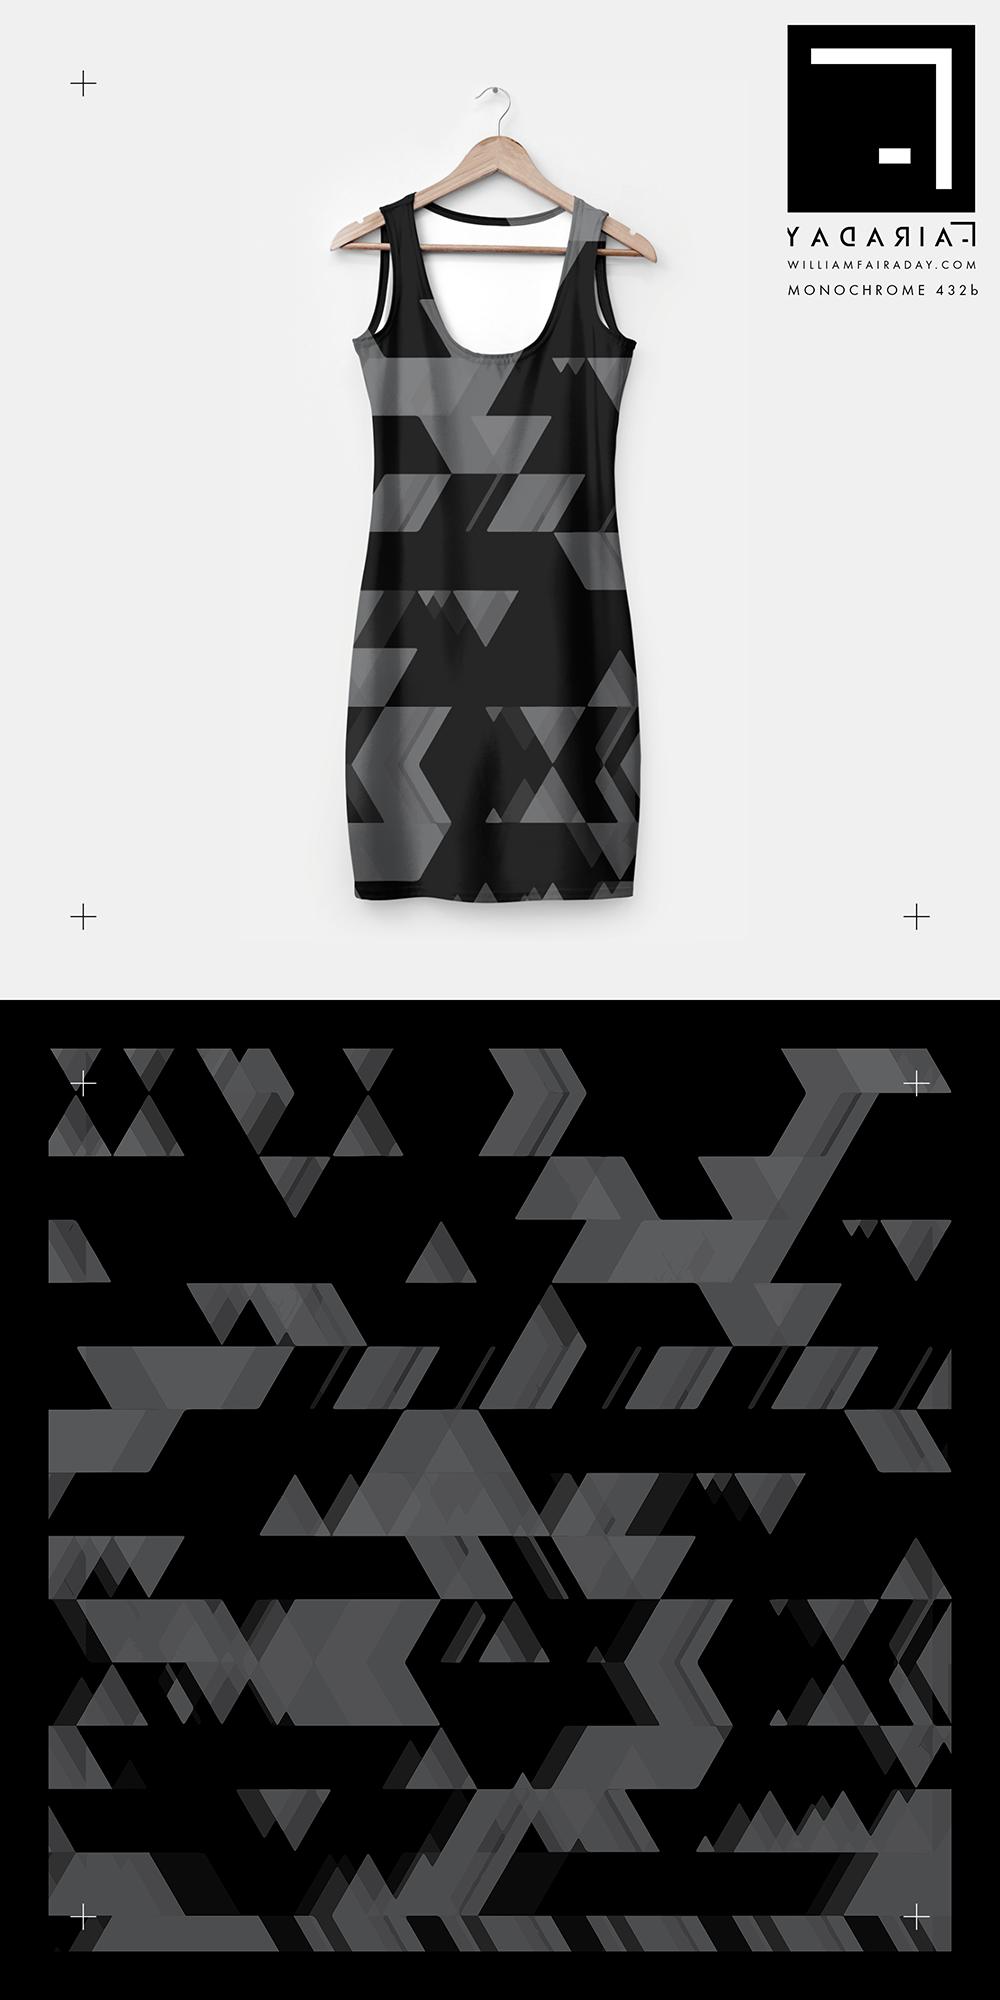 Monochrome 432b Dress 01a.png